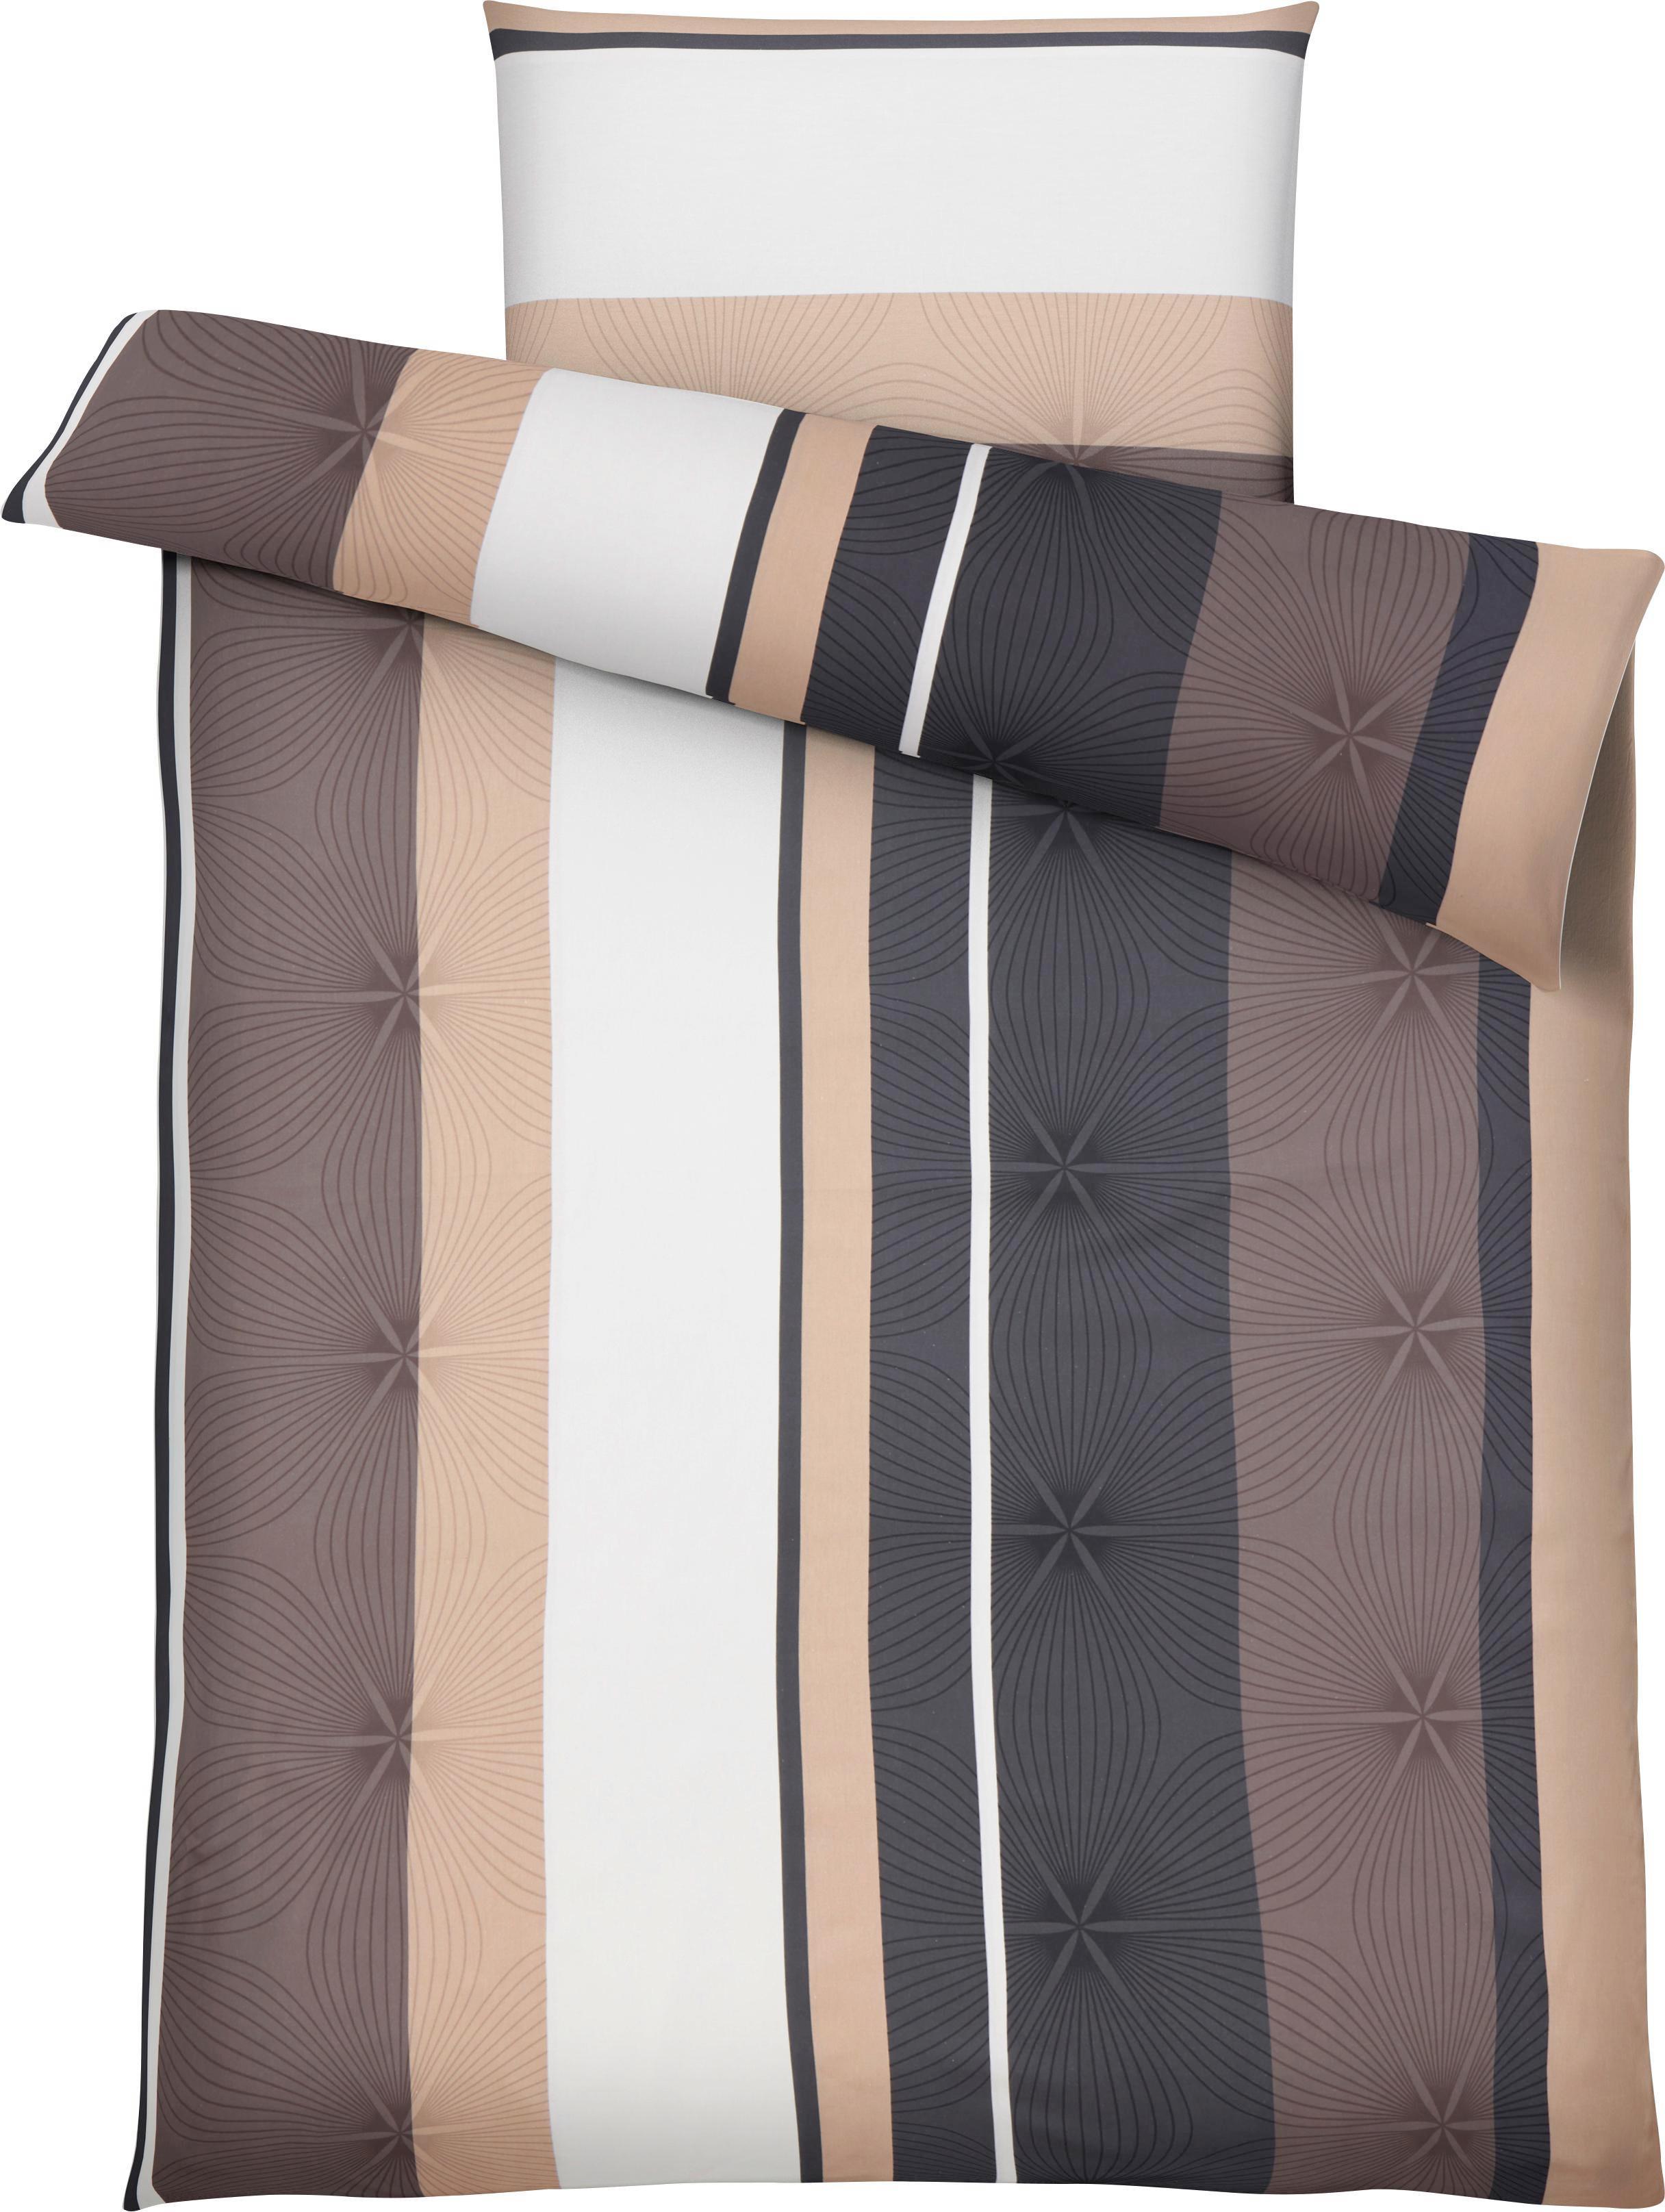 Bettwäsche Senta in Grau ca. 140x200cm - Grau, Textil (140/200cm) - MÖMAX modern living